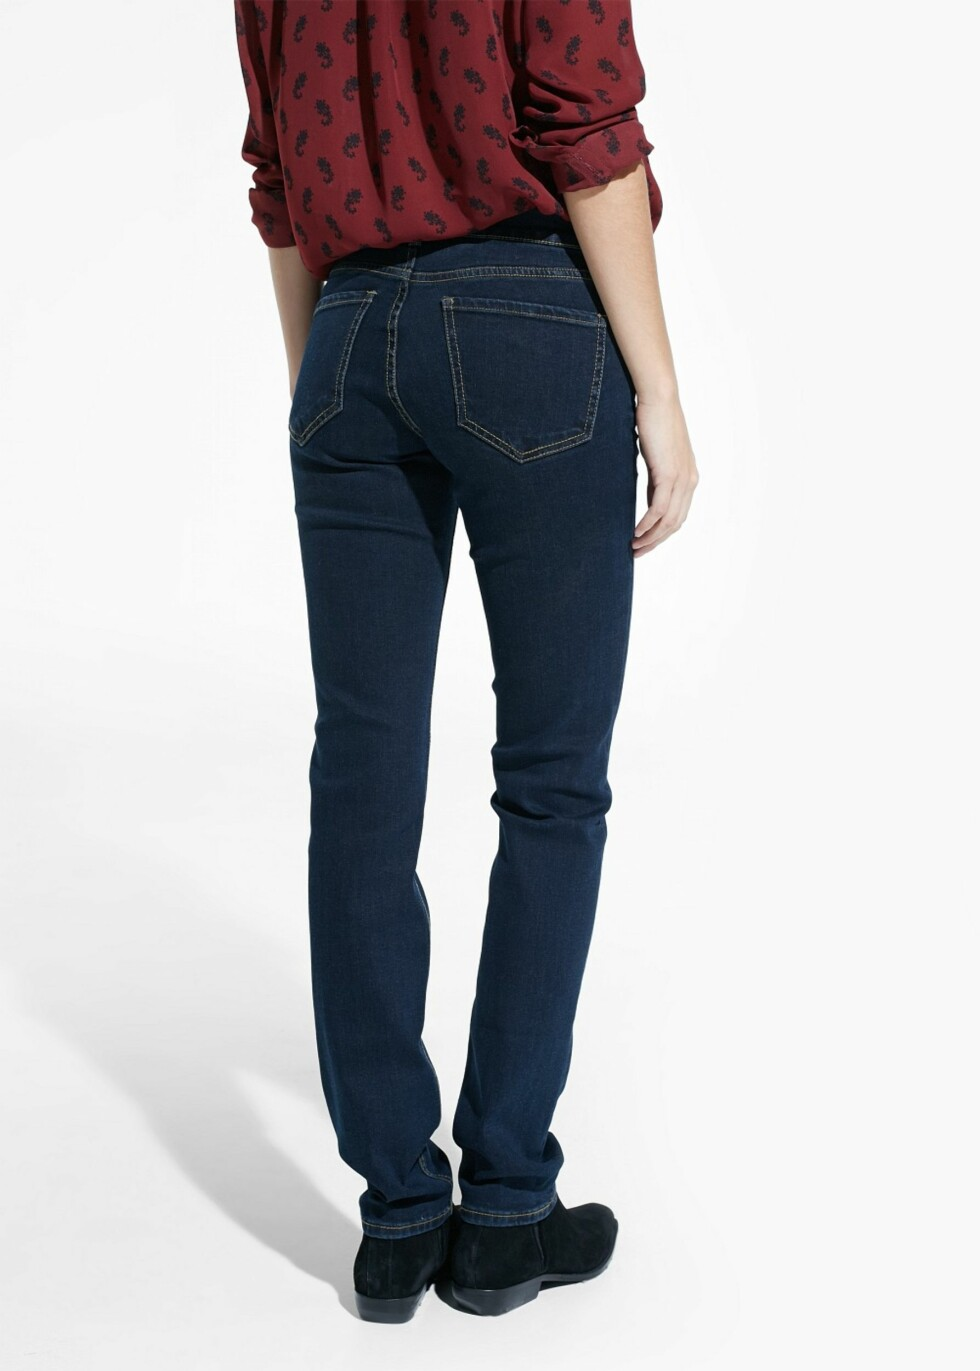 FIN RUMPE: Tydelig markerte baklommer på jeansene hjelper til å løfte og gi rumpa sprett. Jeans fra Mango, kr 299.  Foto: Produsentene